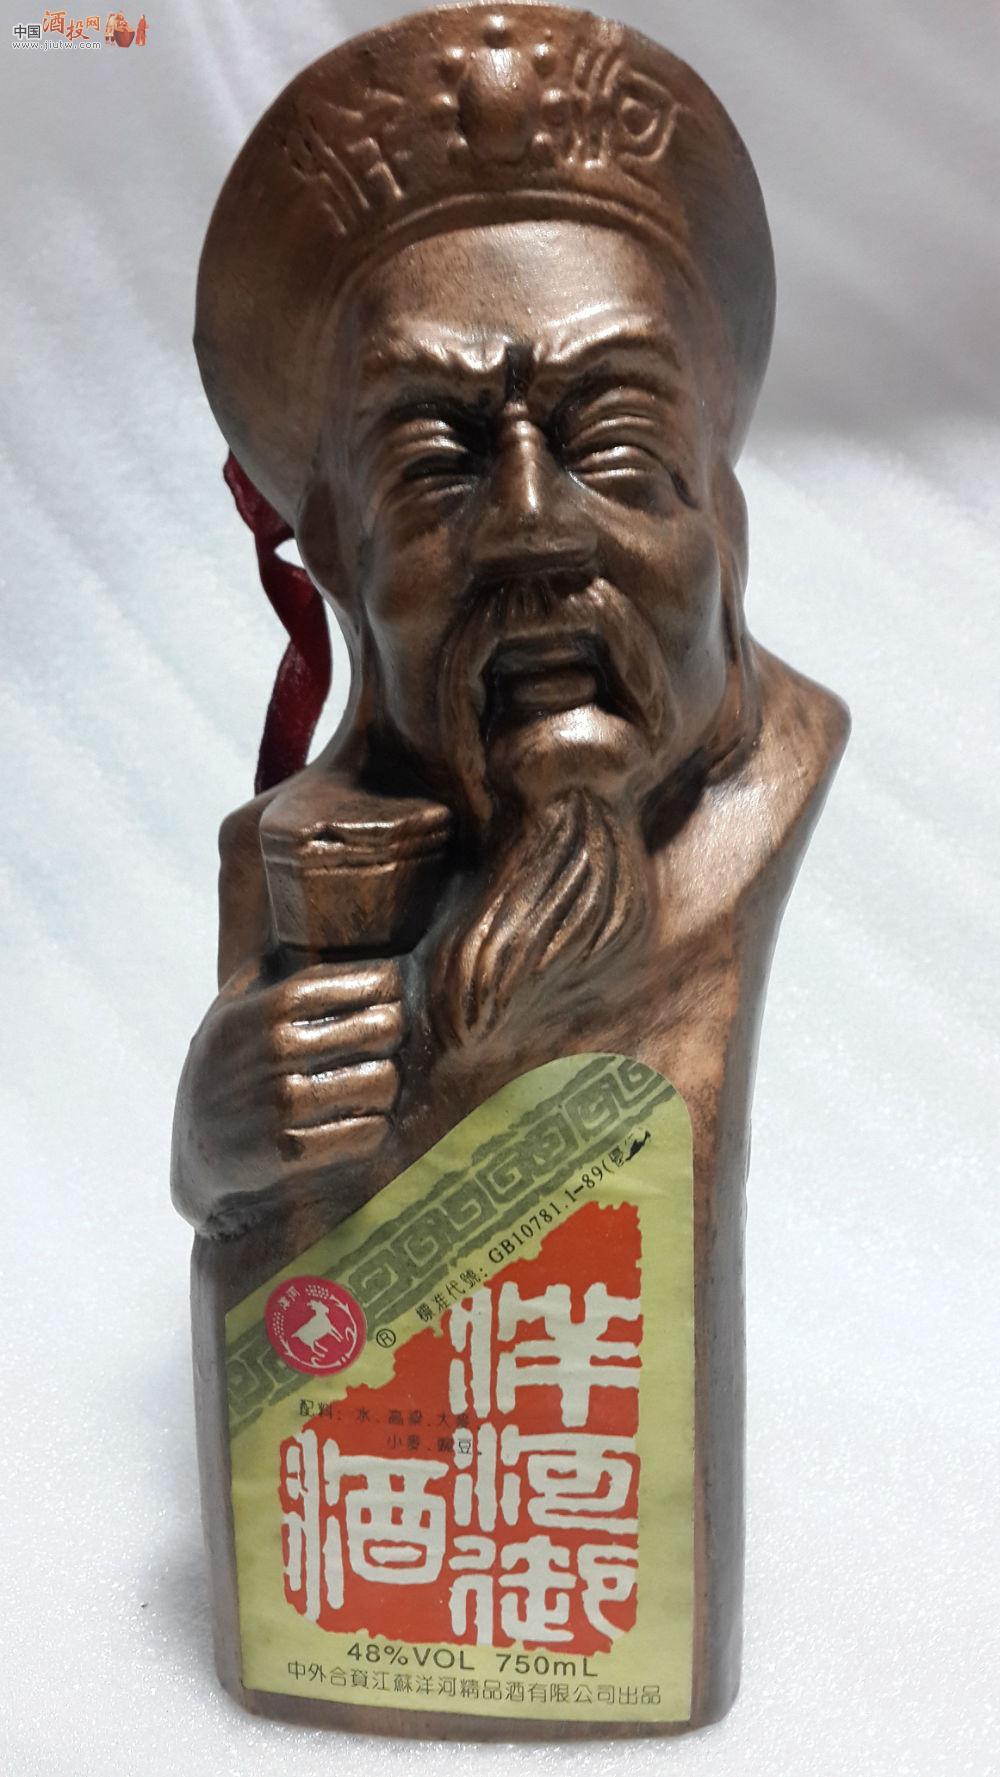 中国名酒 神品 紫砂陶镀铜 乾隆大帝御像 750ml 《 洋河御酒 》